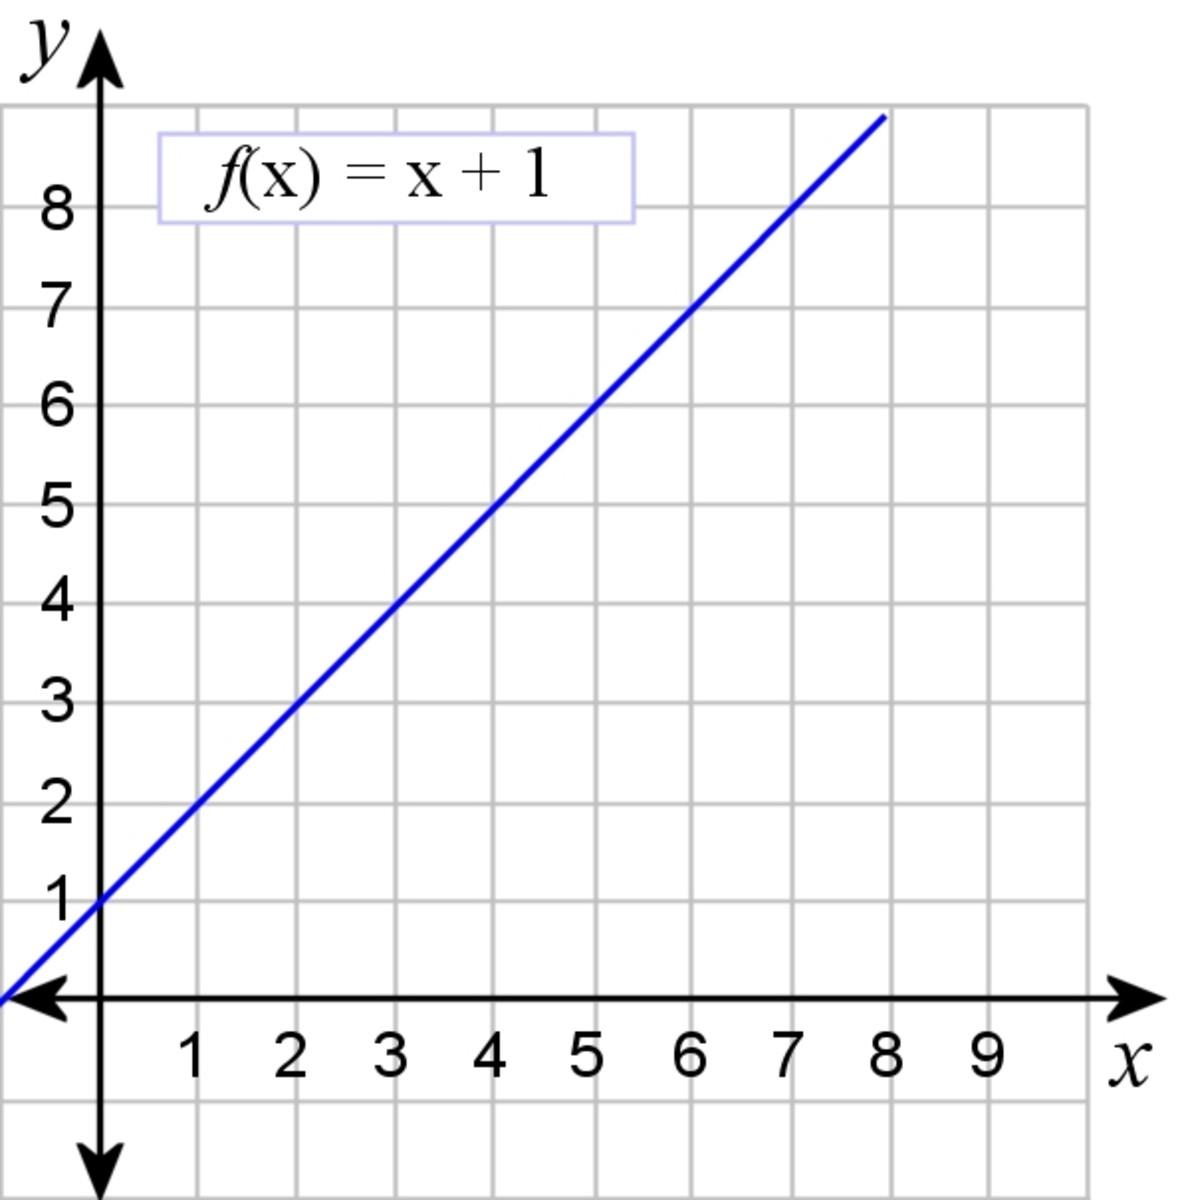 f(x) = x + 1